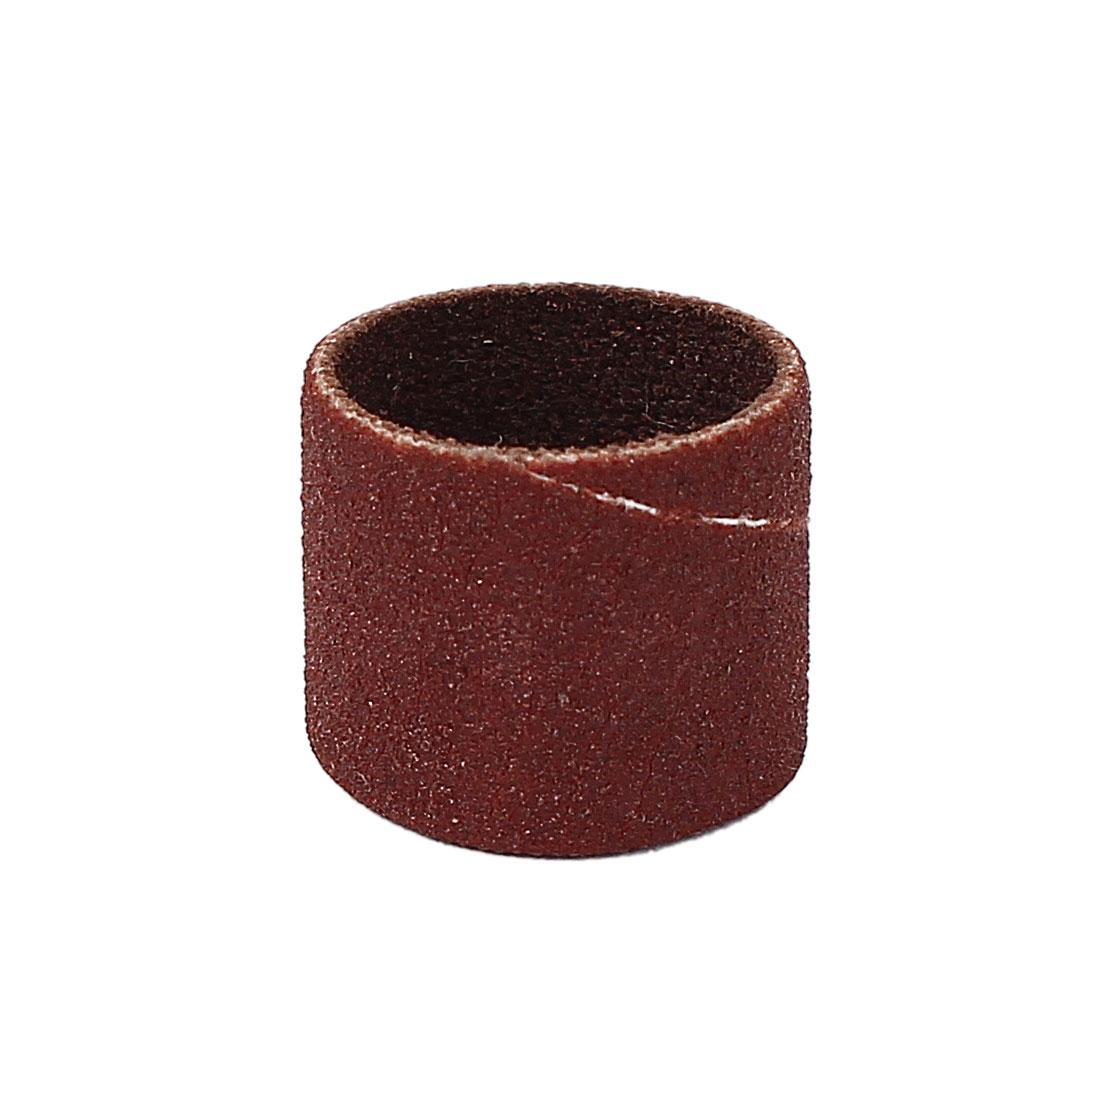 13mm Diameter 240 Grit Sanding Drums Abrasive Spiral Band Sleeves Rolls